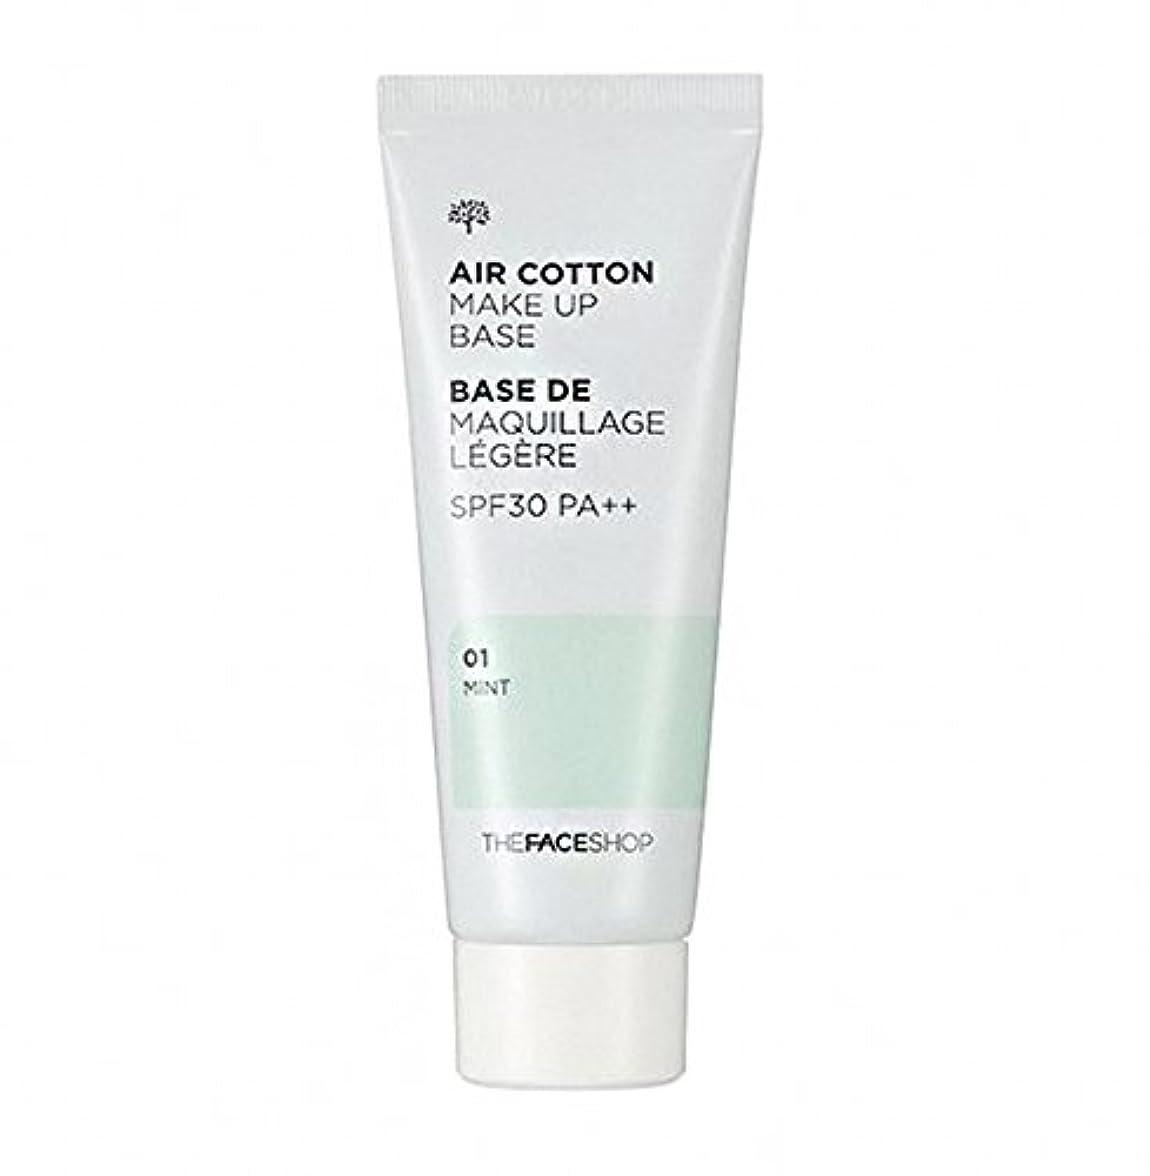 事業内容乱用スピンザ·フェイスショップ The Face Shop エアコットン メーキャップ ベース 40ml(01 ミント) The Face Shop air Cotton Makeup Base 40ml(01 Mint) [海外直送品]